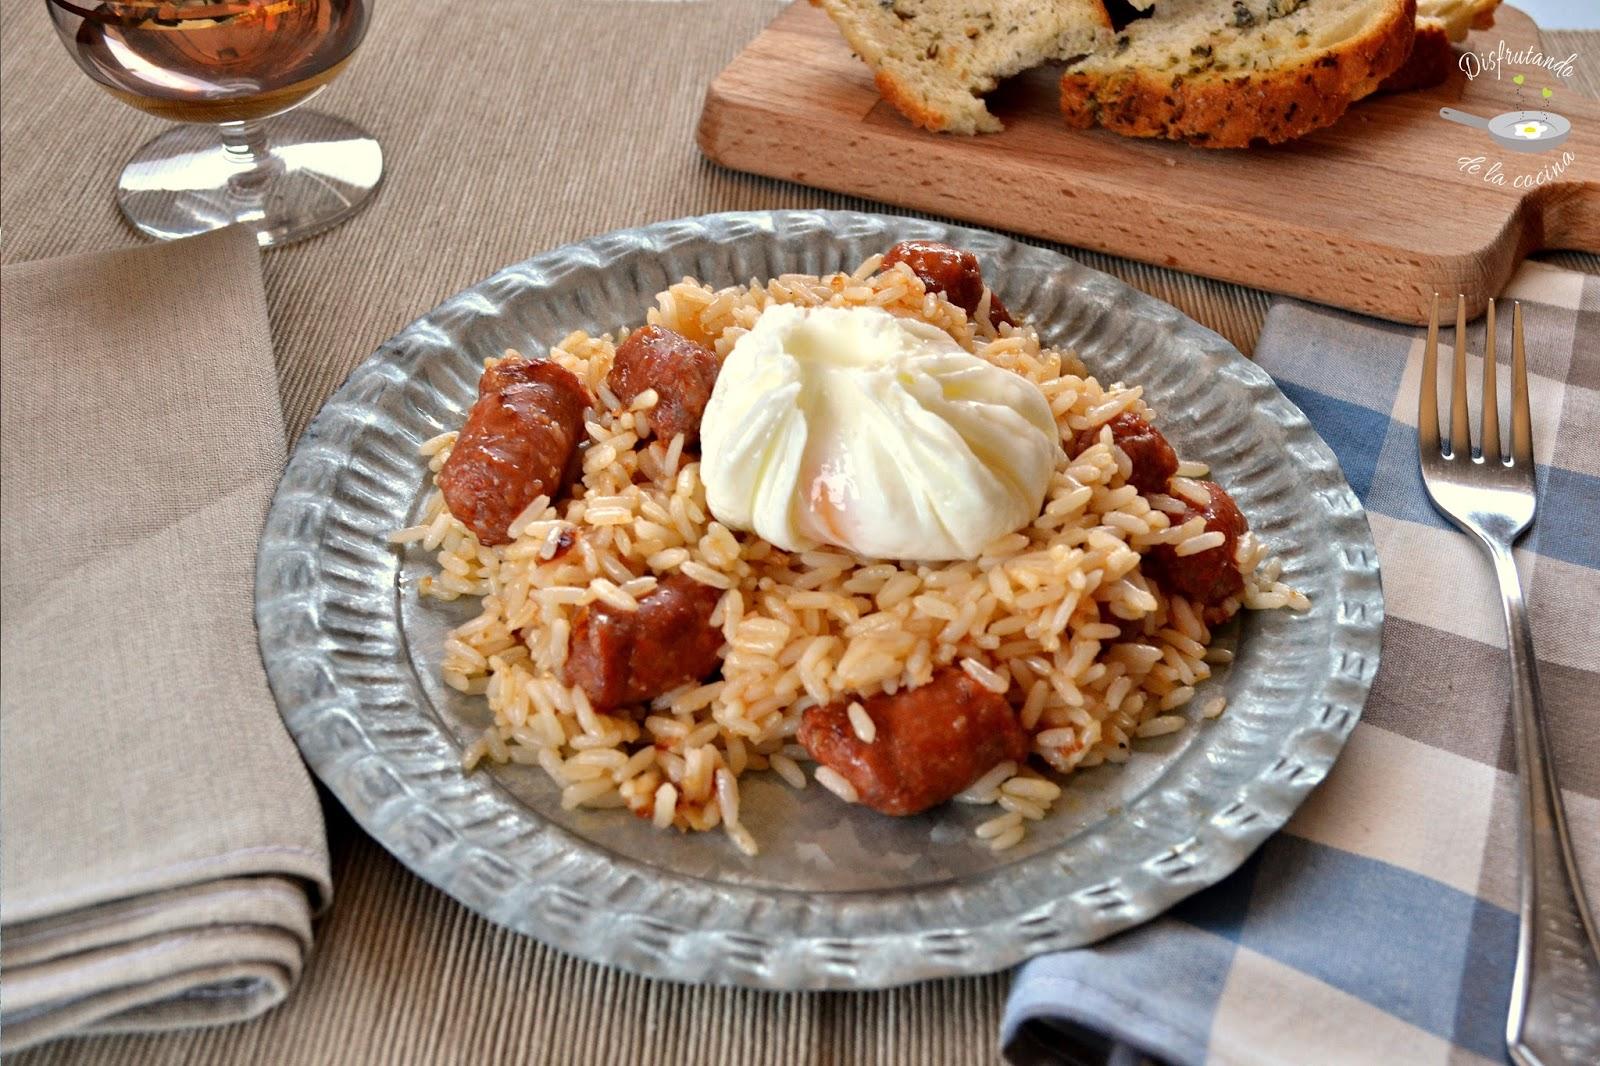 Disfrutando de la cocina - Salteado de arroz ...